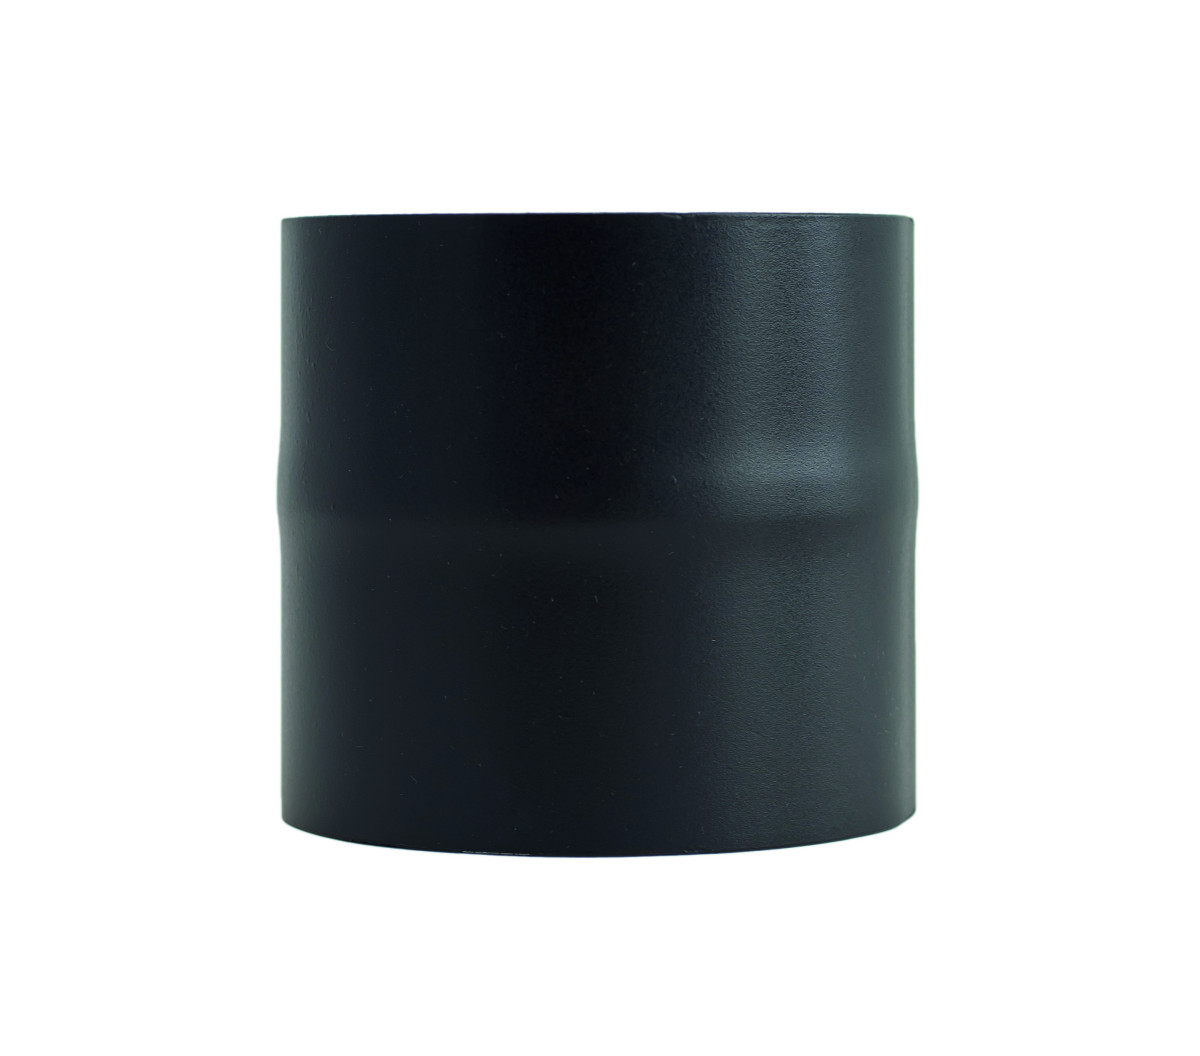 Manguito hembra-hembra 180 mm